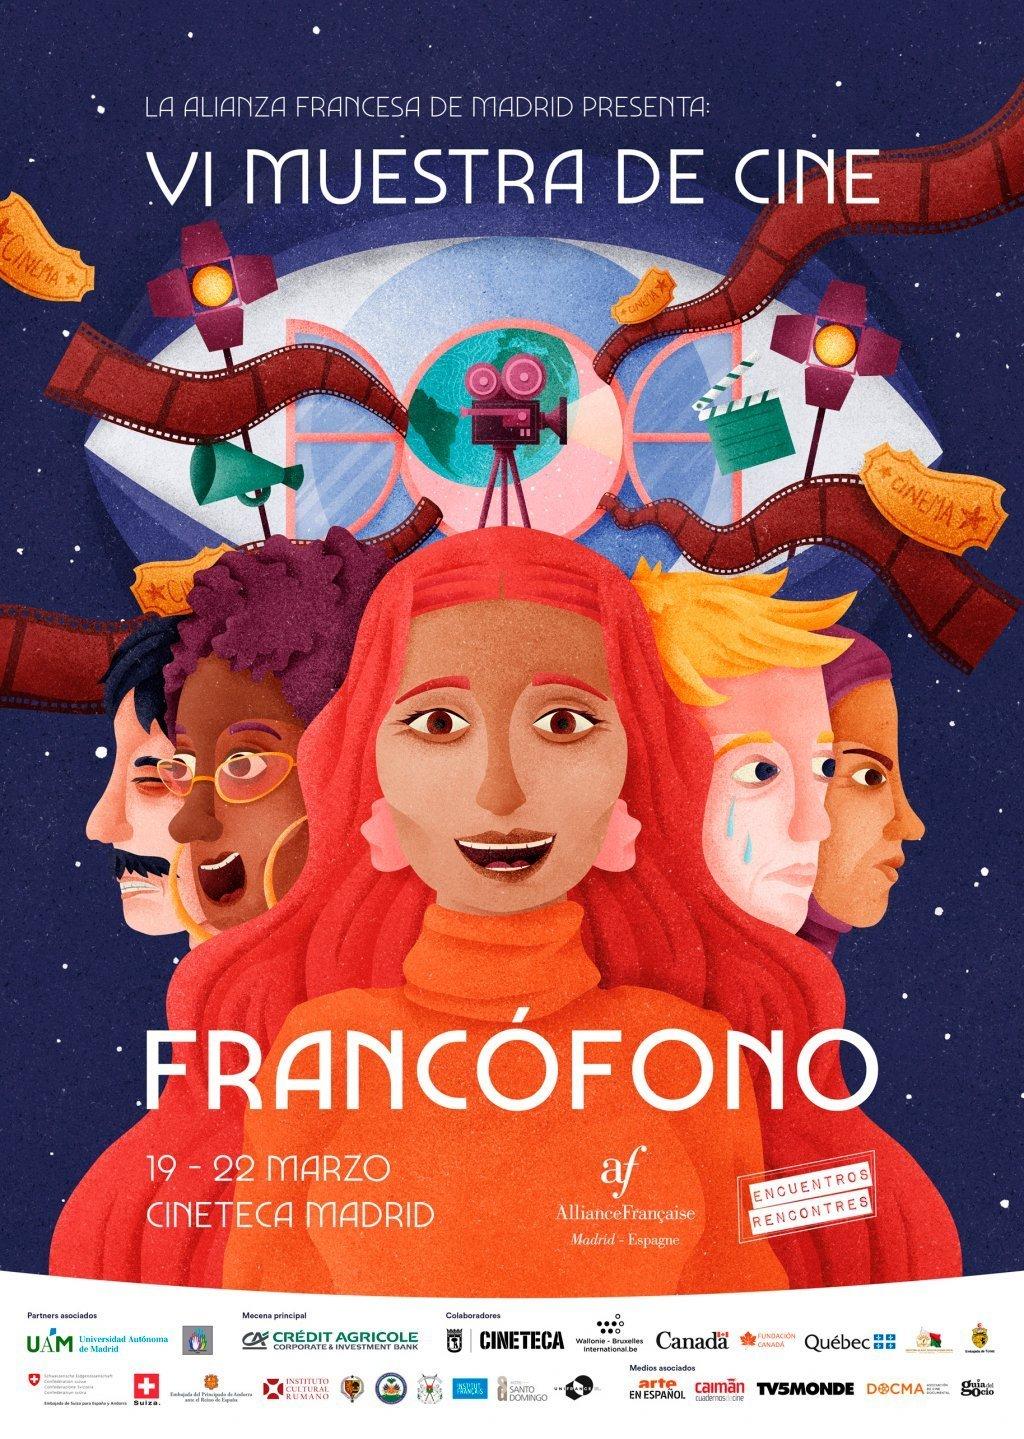 Festivalul Filmului Francofon la Cinemateca Madrid